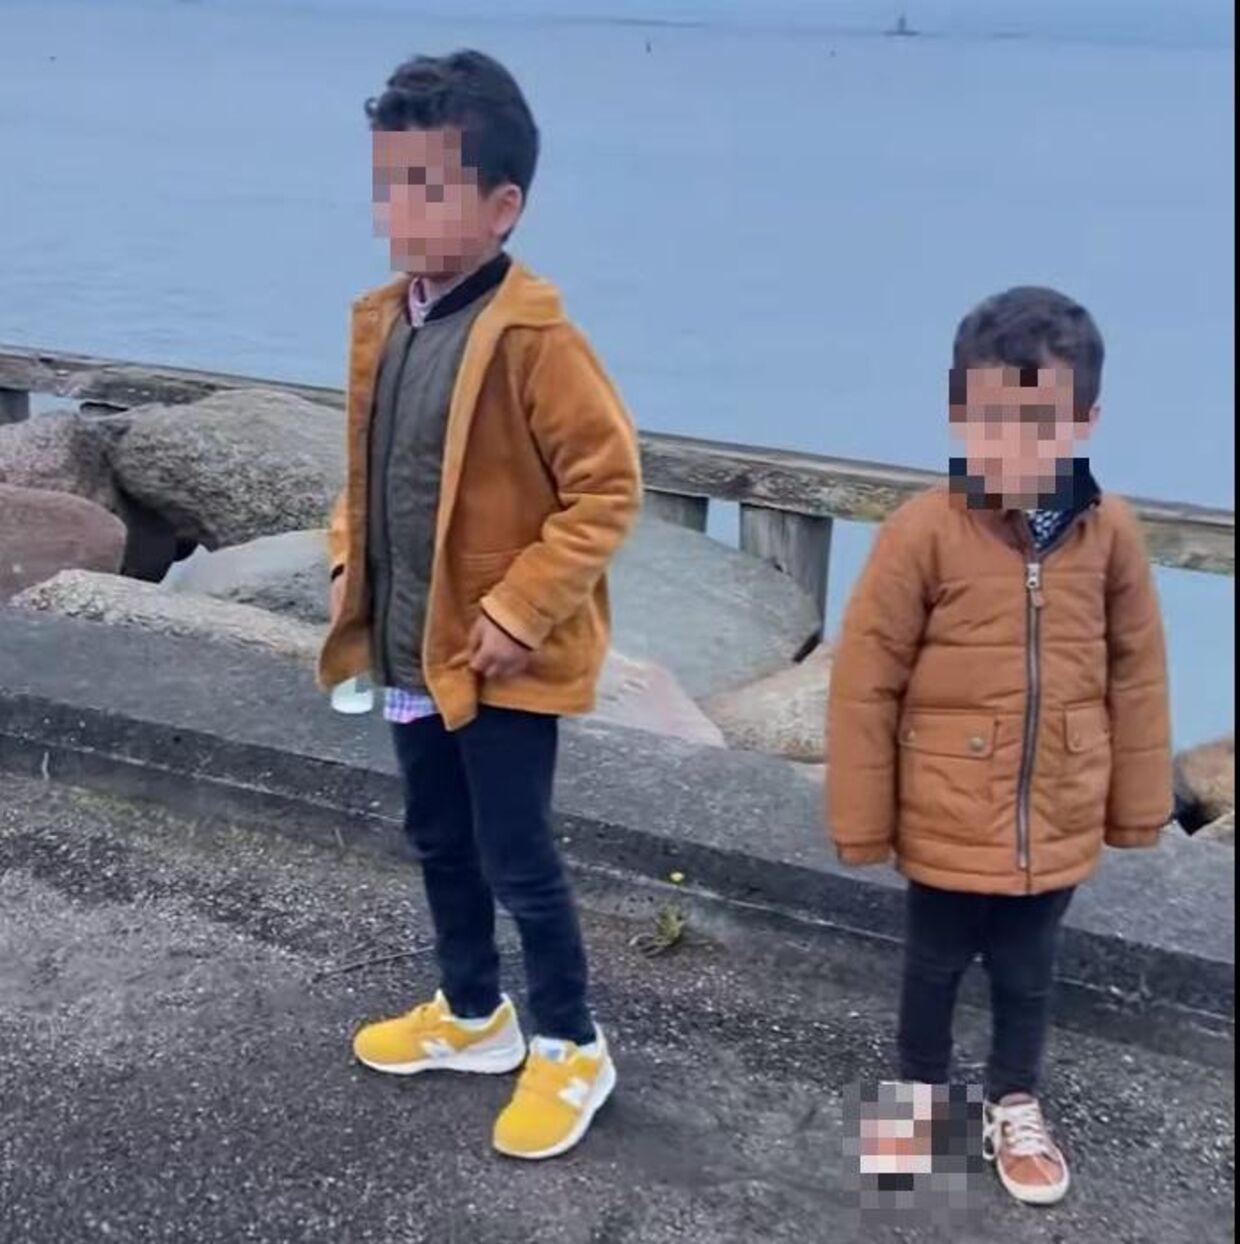 Seksårige Iyad og treårige Malek så på, mens deres forældre diskuterede med den fremmede mand på havnen.